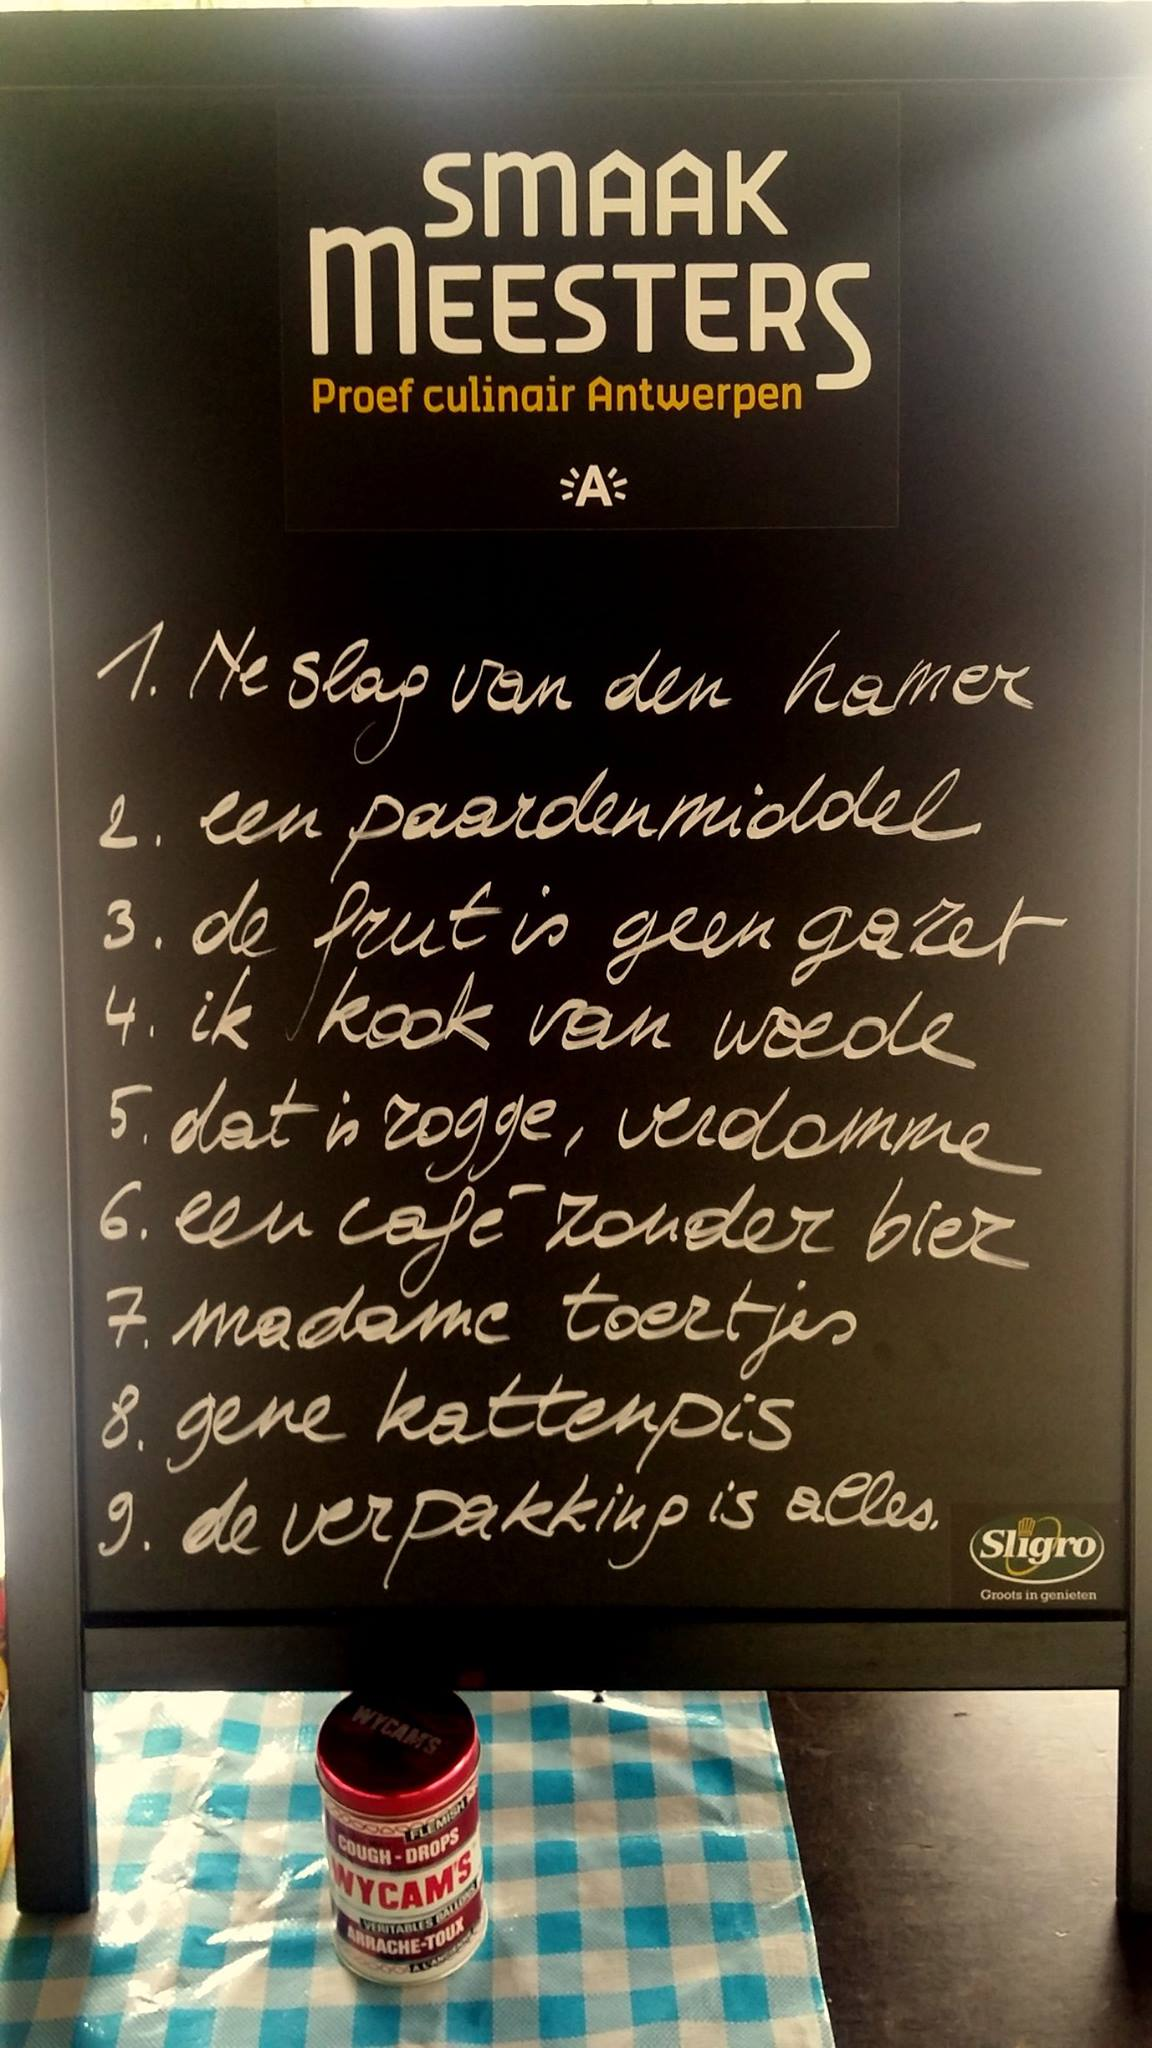 Stille uitleg bij Proef Culinair Antwerpen met De Smaakmeesters